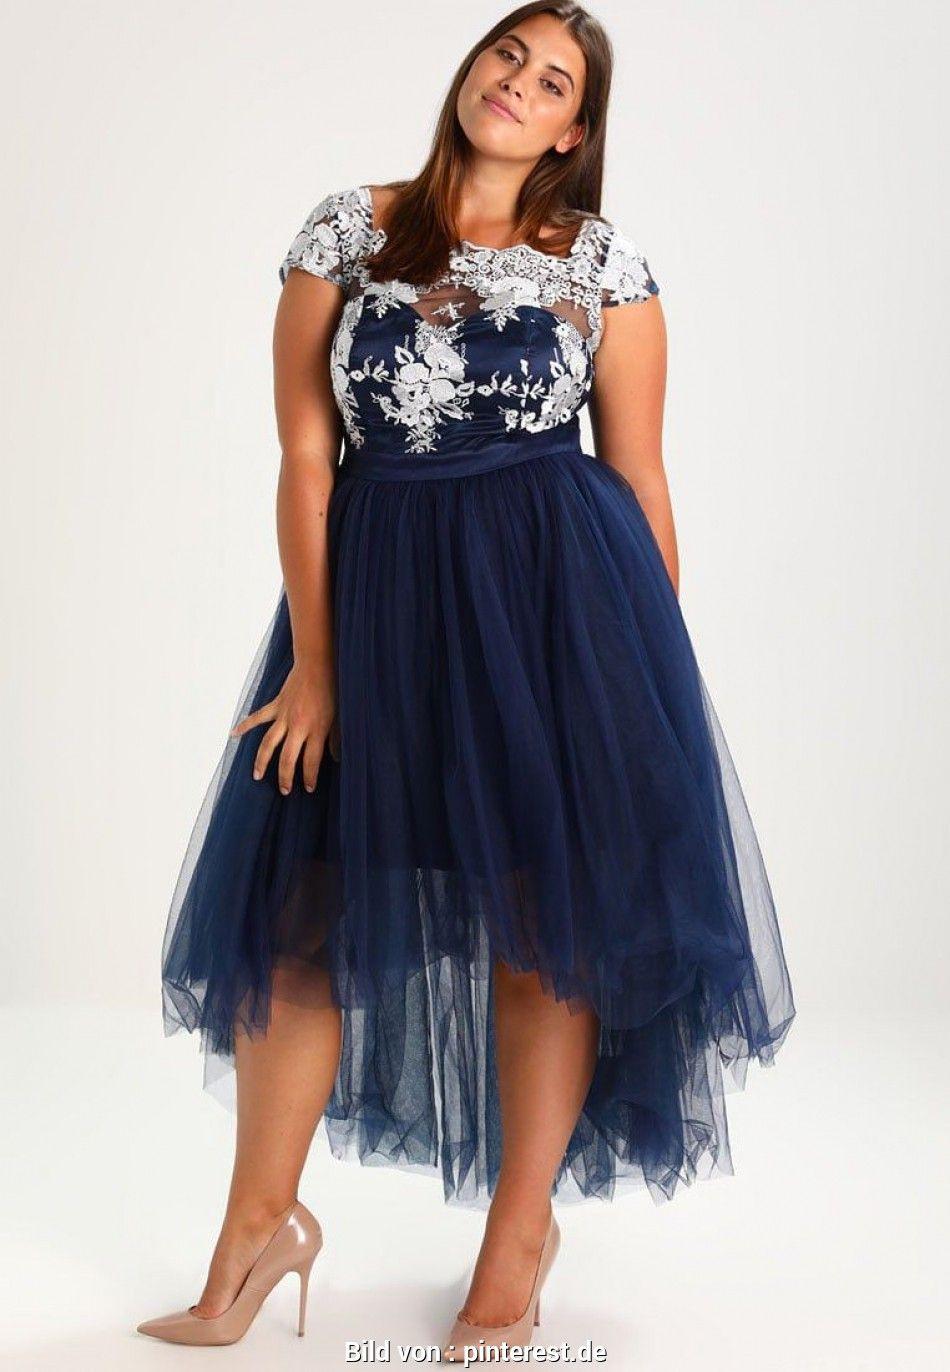 Formal Erstaunlich Abendkleider Curvy Ärmel13 Kreativ Abendkleider Curvy Spezialgebiet